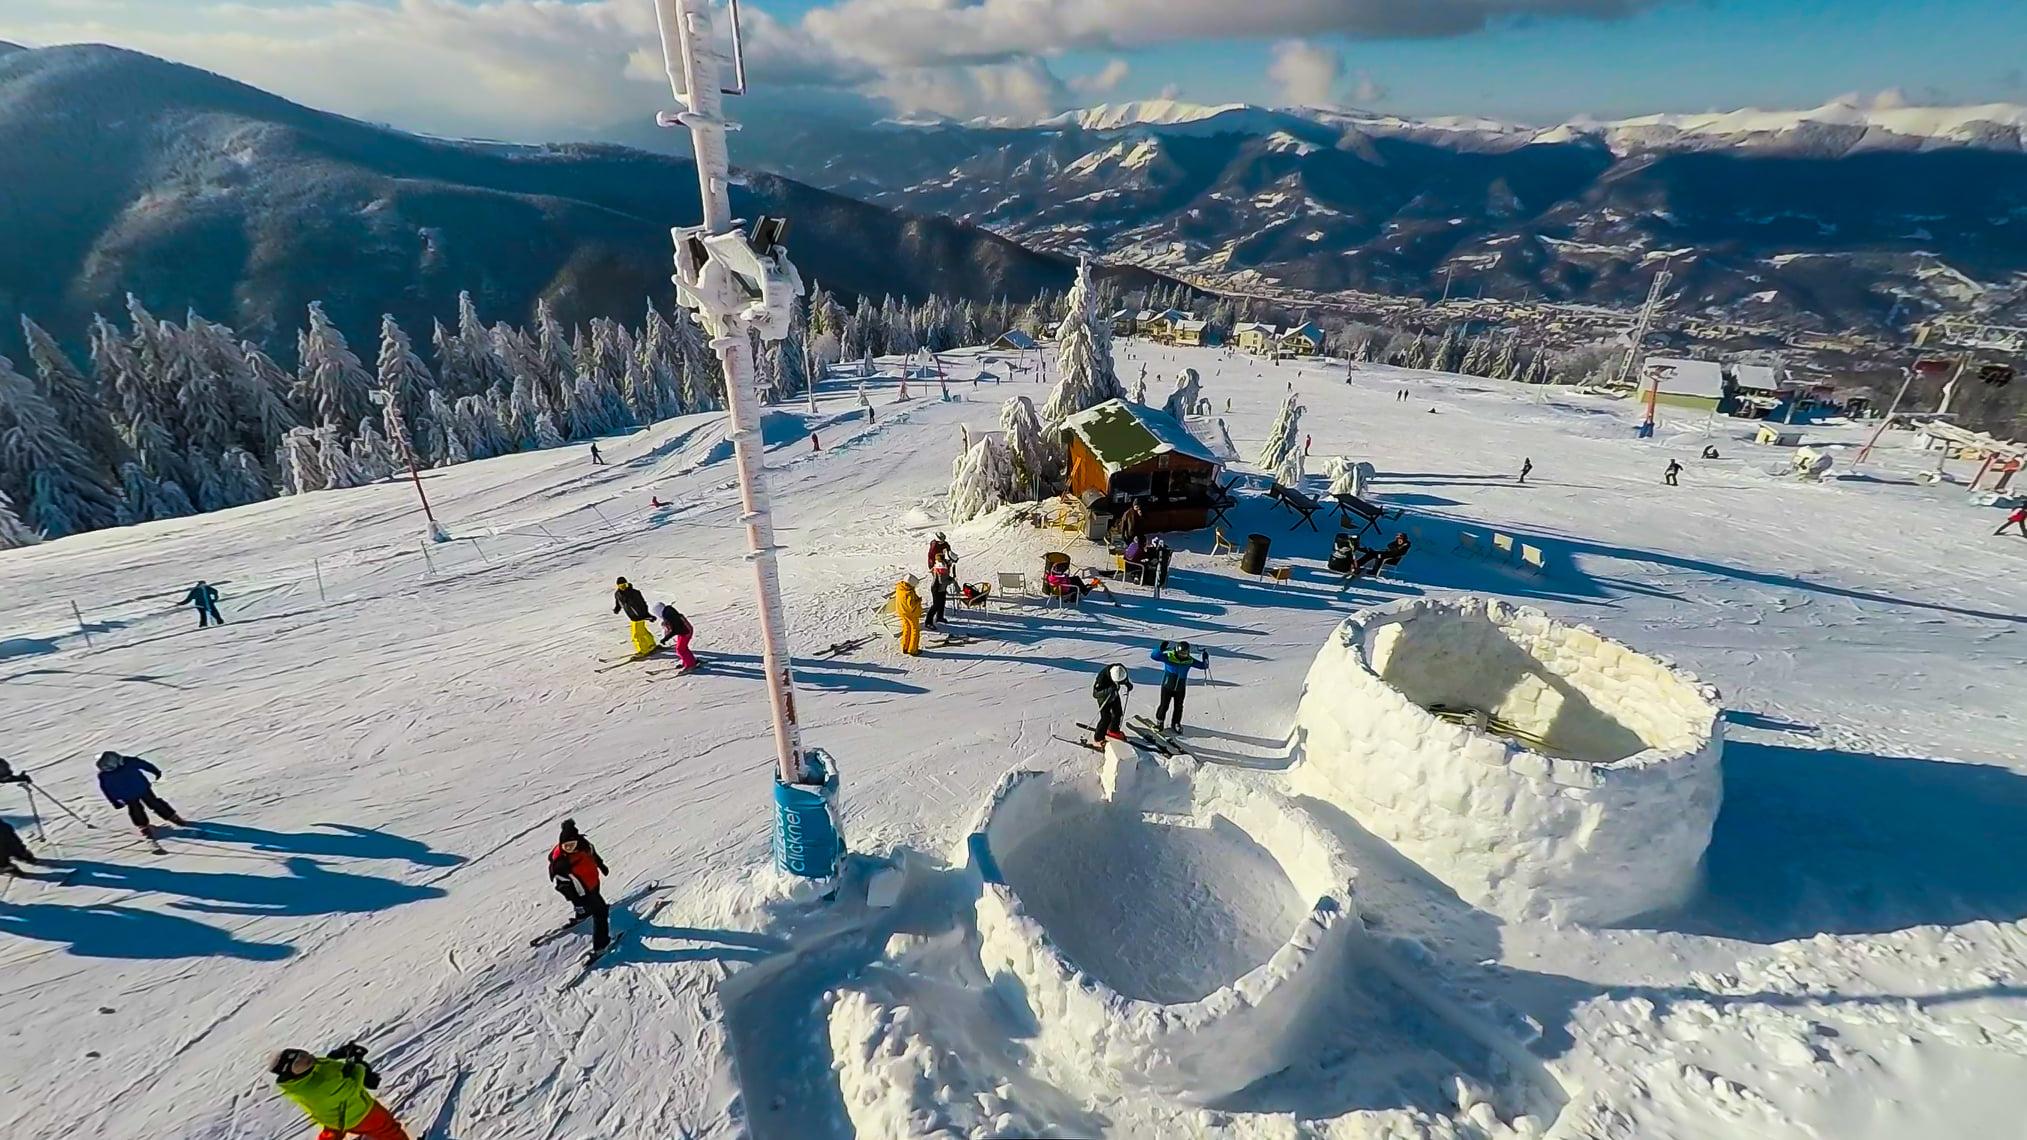 """Surpriză pentru turiștii care ajung la Straja. Igluuri """"cafenea"""", construite în stațiunea montană"""